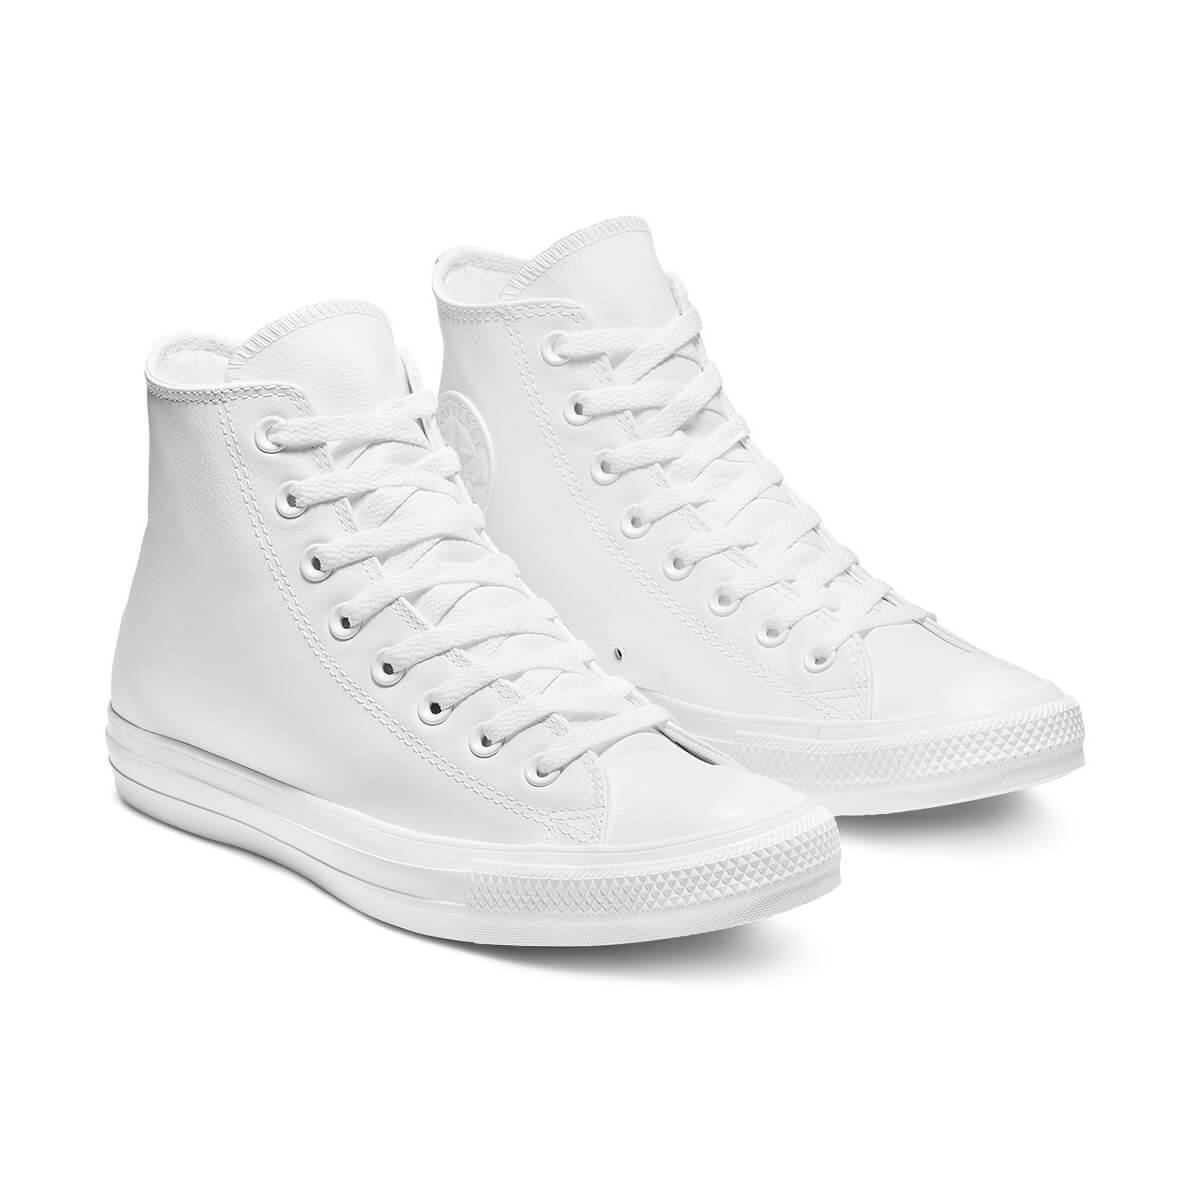 נעלי אולסטאר עור לבן נשים גברים Converse White Leather